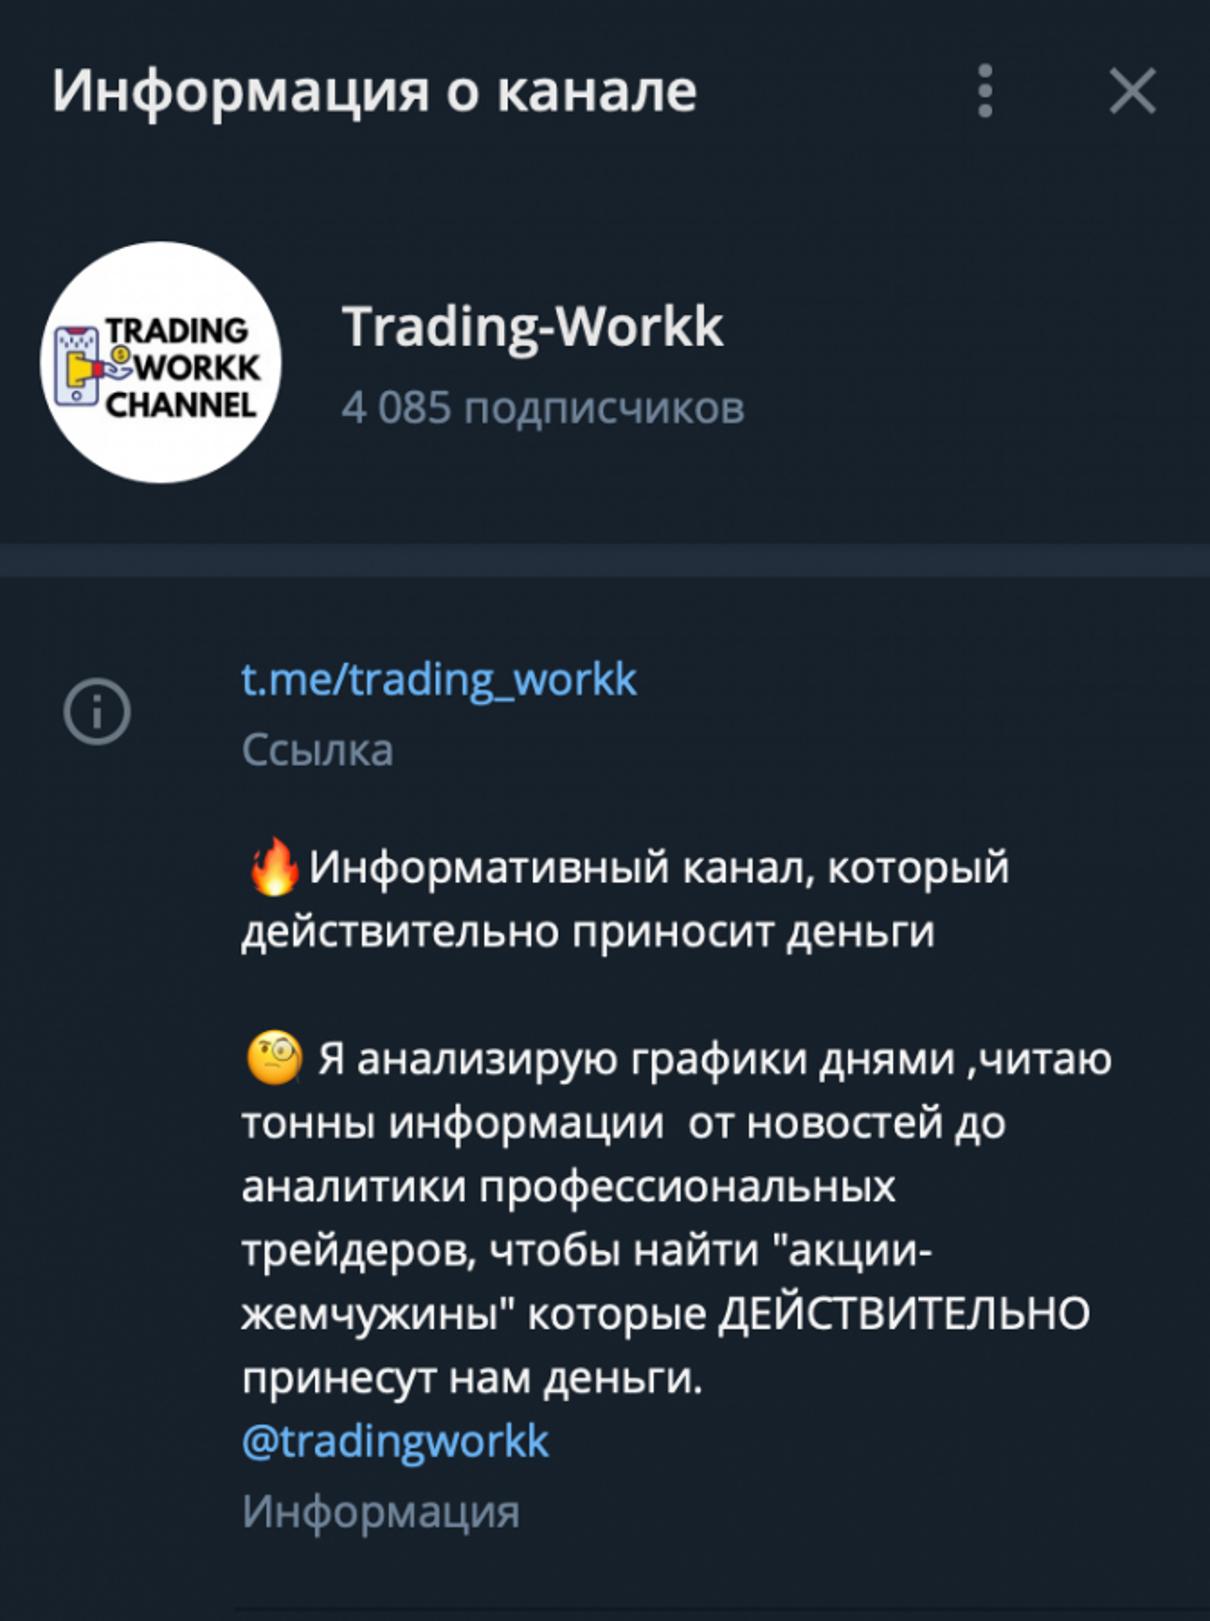 Жалоба-отзыв: Trading_workk - Trading_workk телеграмм канал мошенники скам обман.  Фото №1